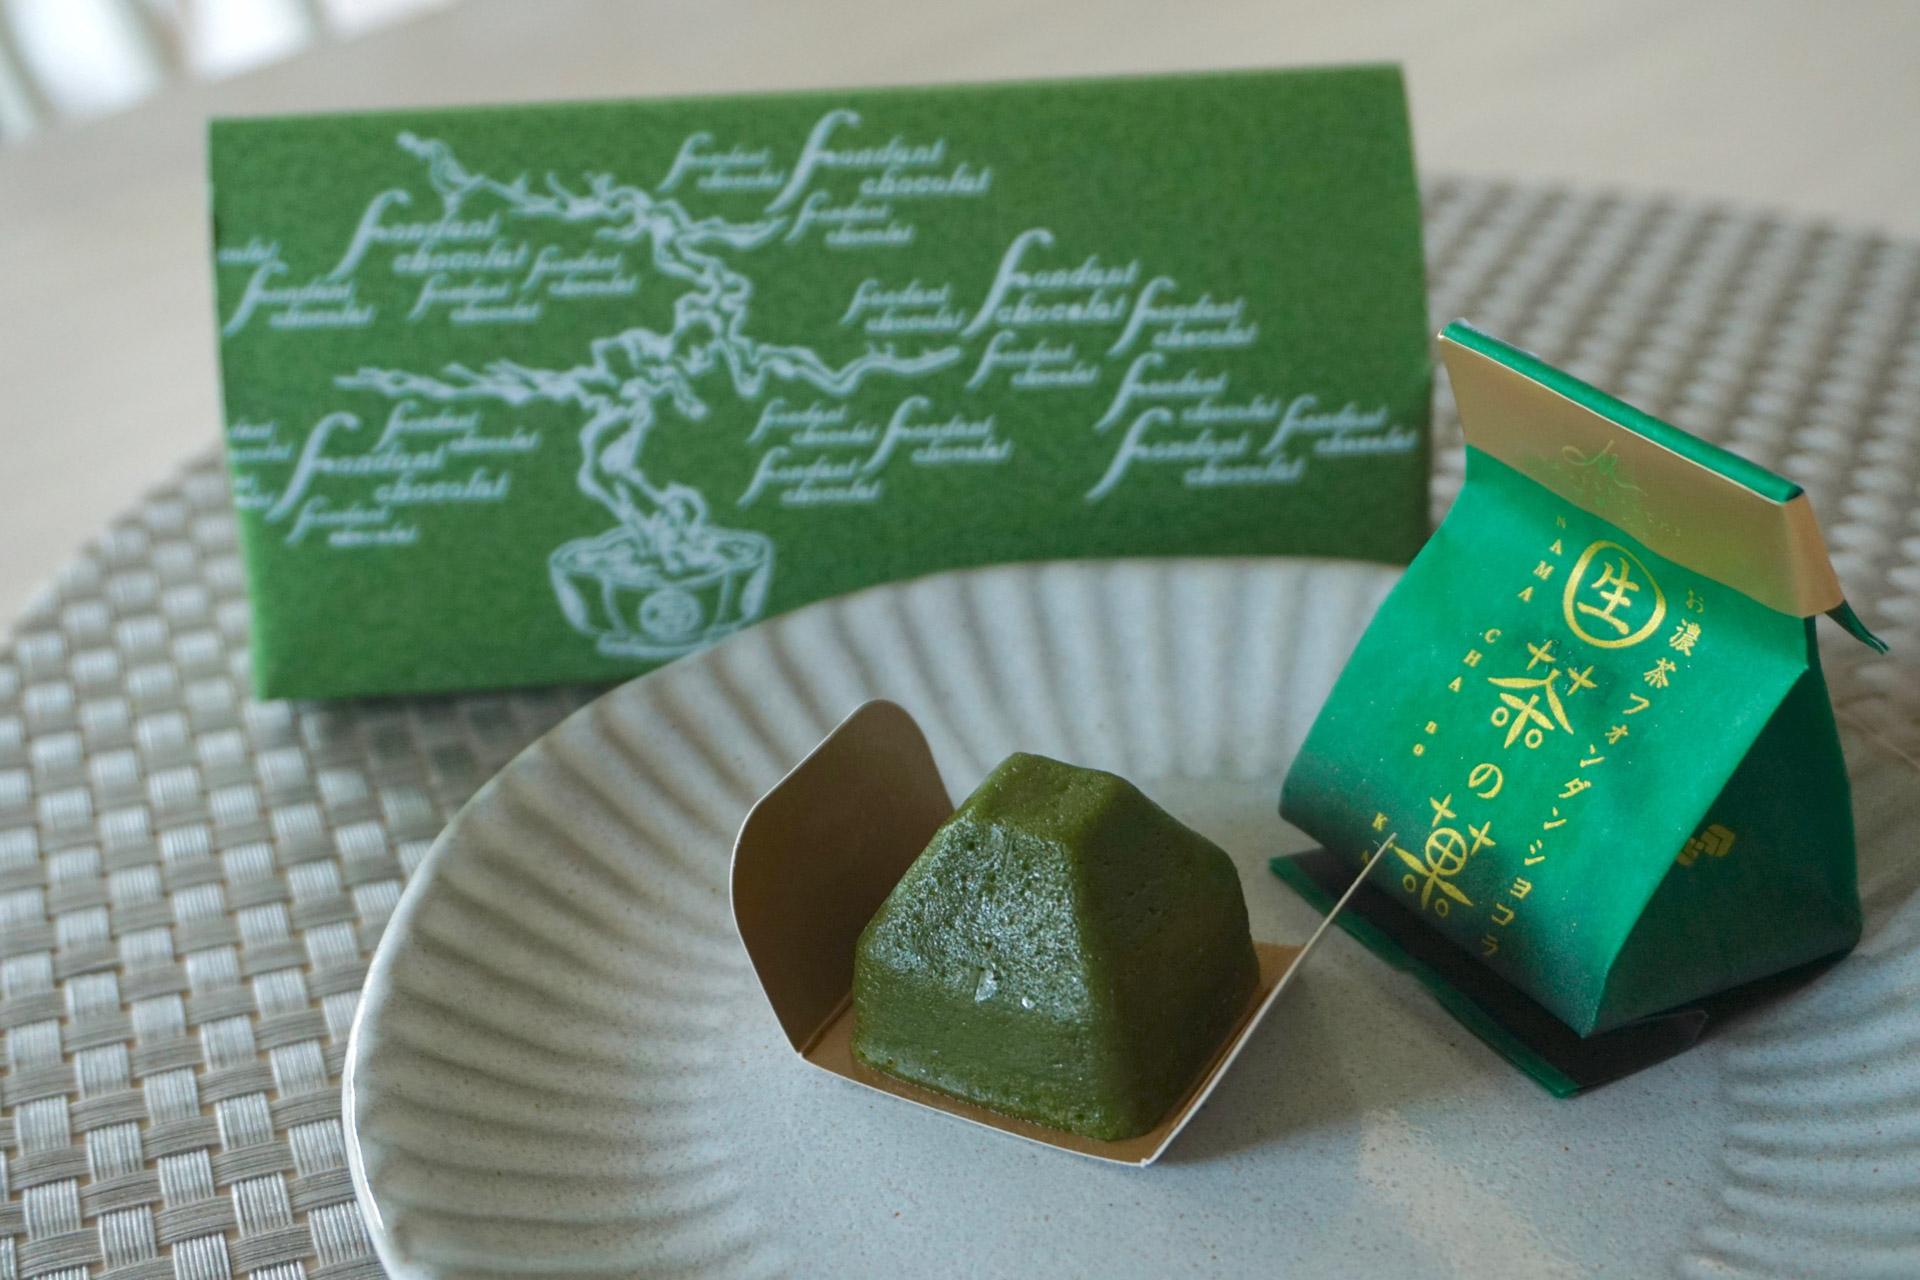 ひとくちで京都へトリップ♡【マールブランシュ】生茶の菓で濃厚抹茶体験♡